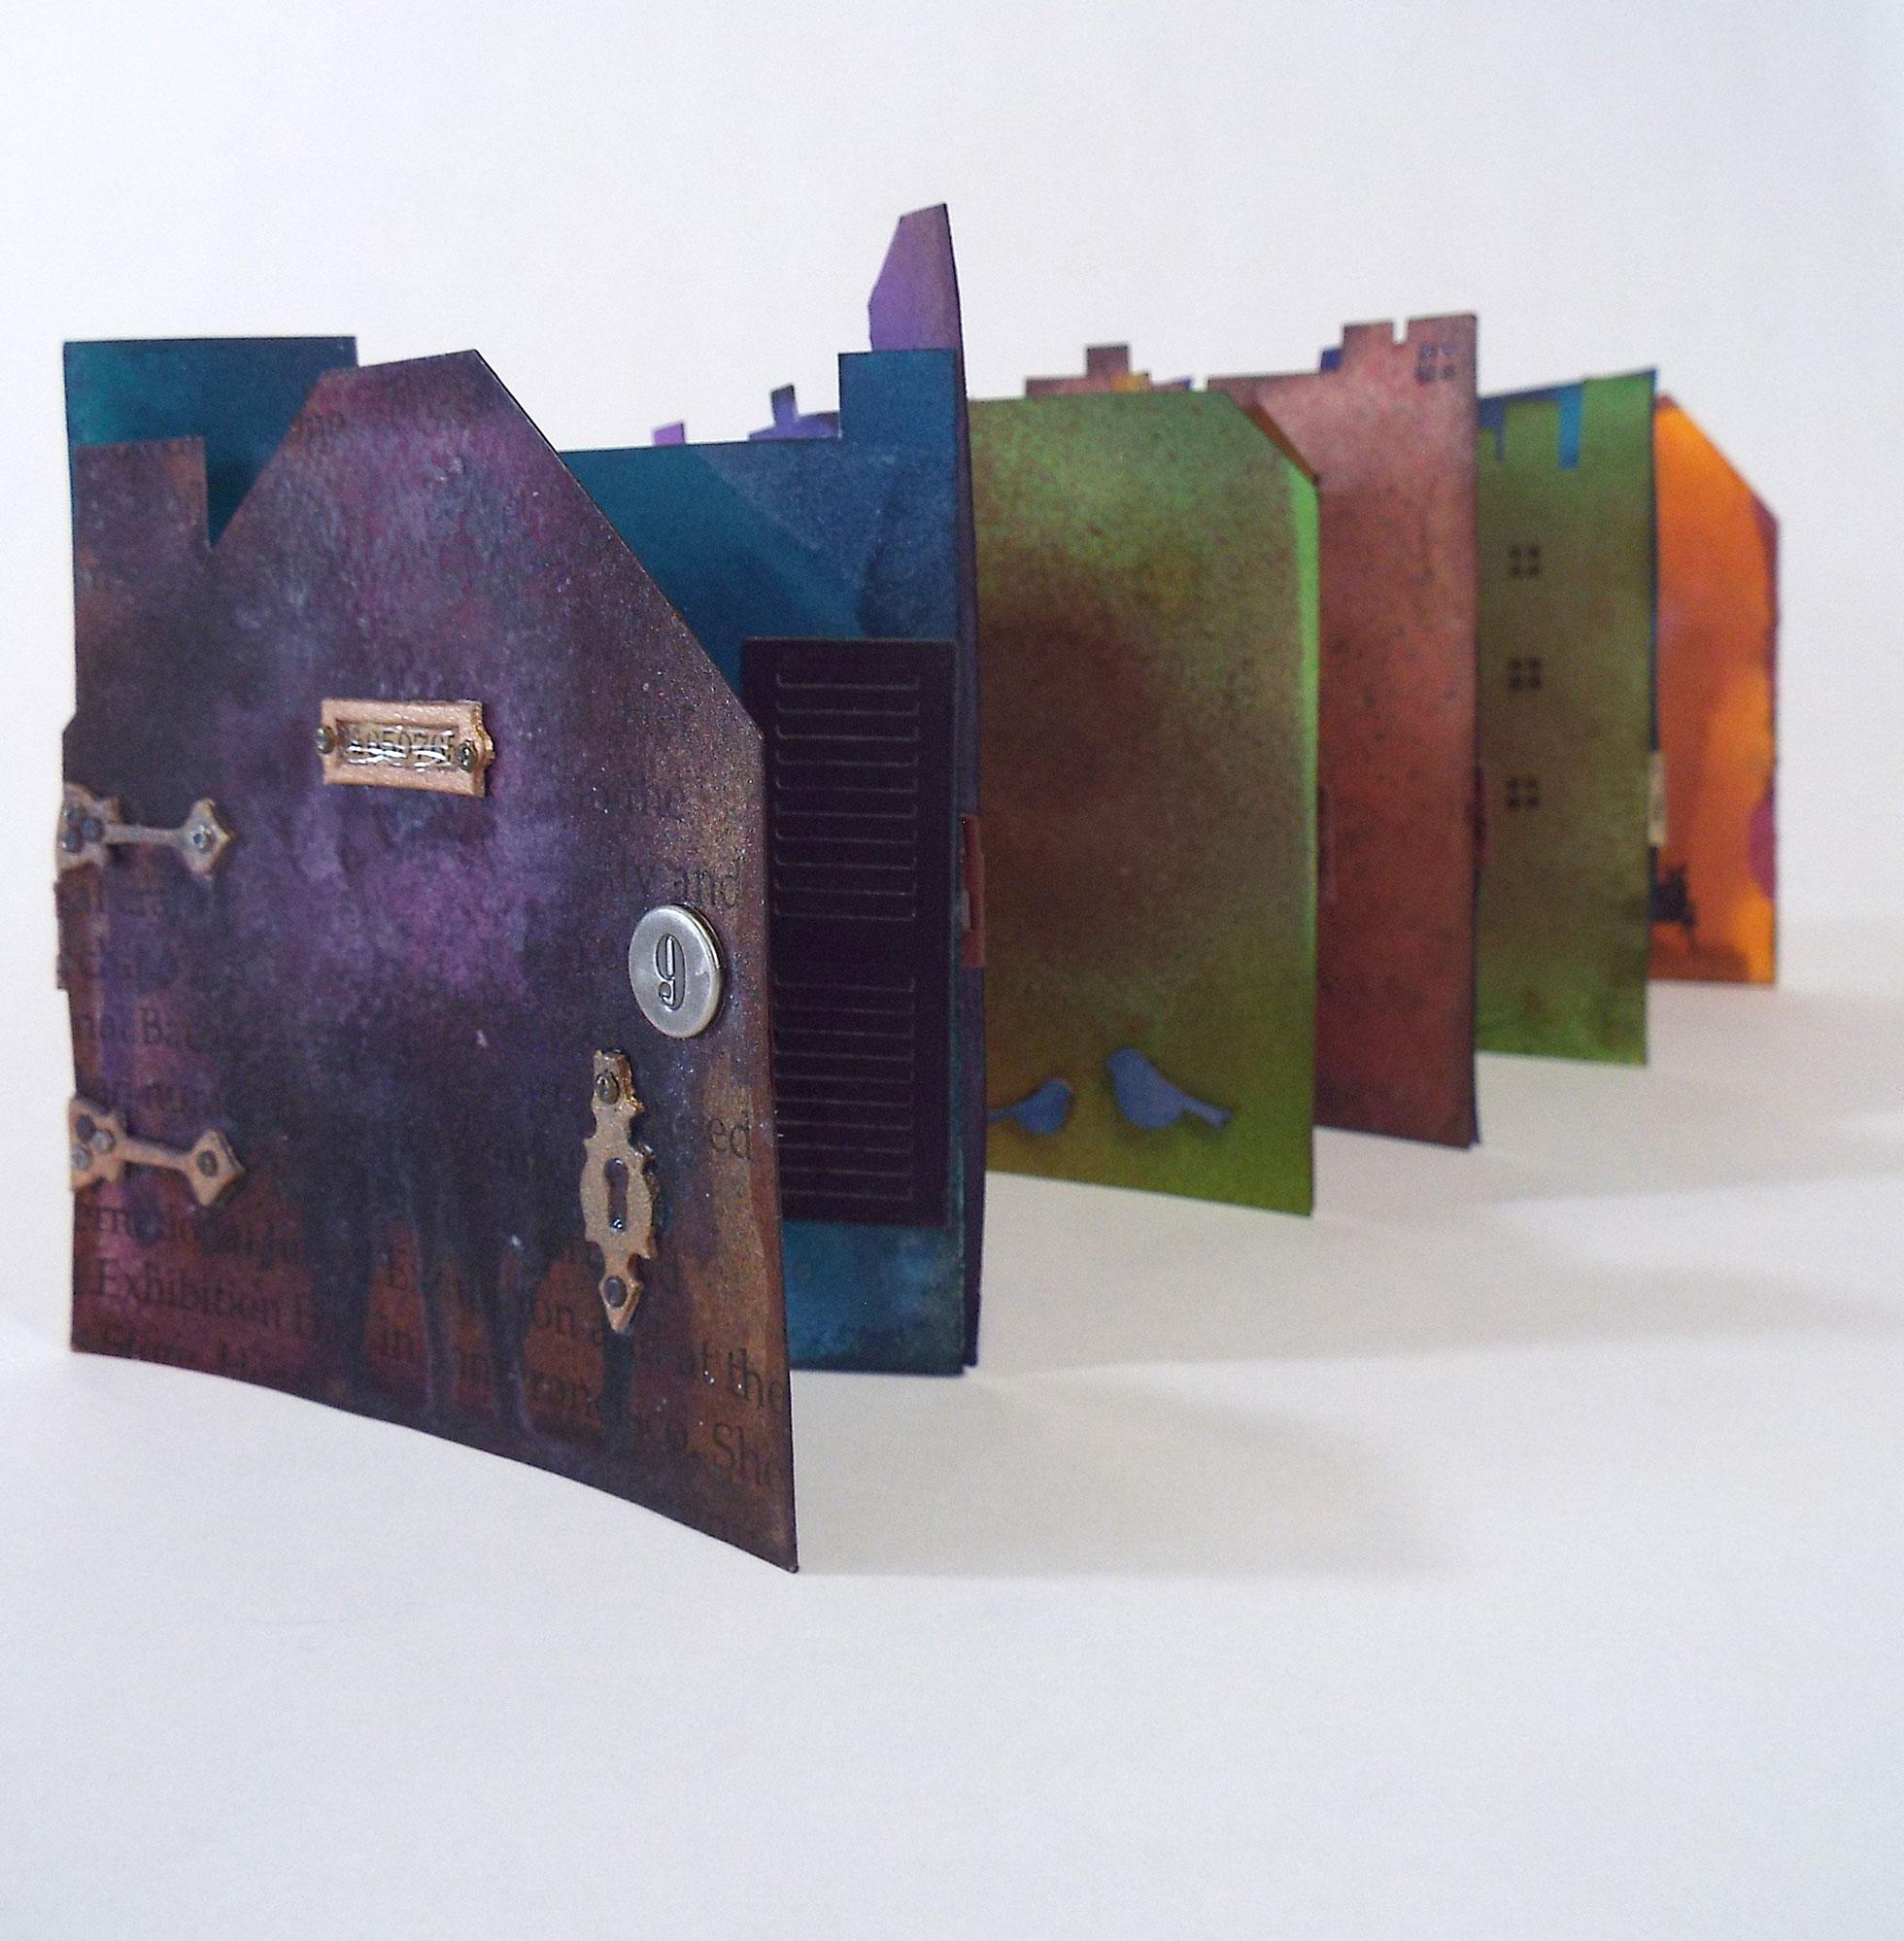 """Jamila Rufaro, """"Cityscape,"""" Mixed Media, 2016, $100, Palo Alto, CA"""